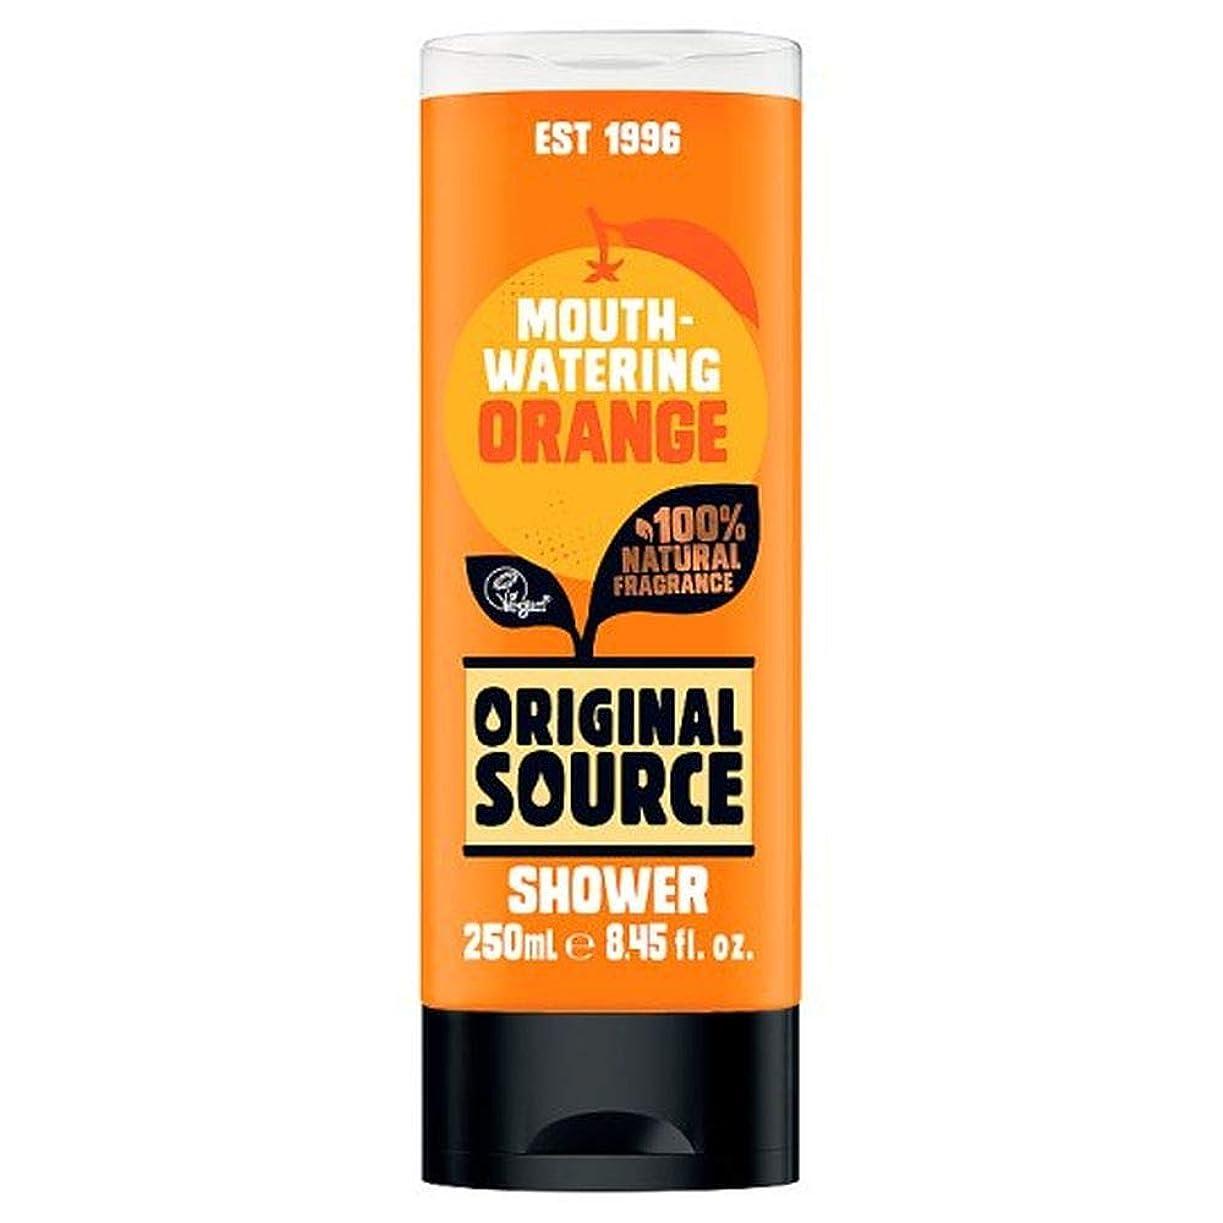 保証部分的にバスルーム[Original Source ] 元のソースオレンジシャワージェル250ミリリットル - Original Source Orange Shower Gel 250Ml [並行輸入品]